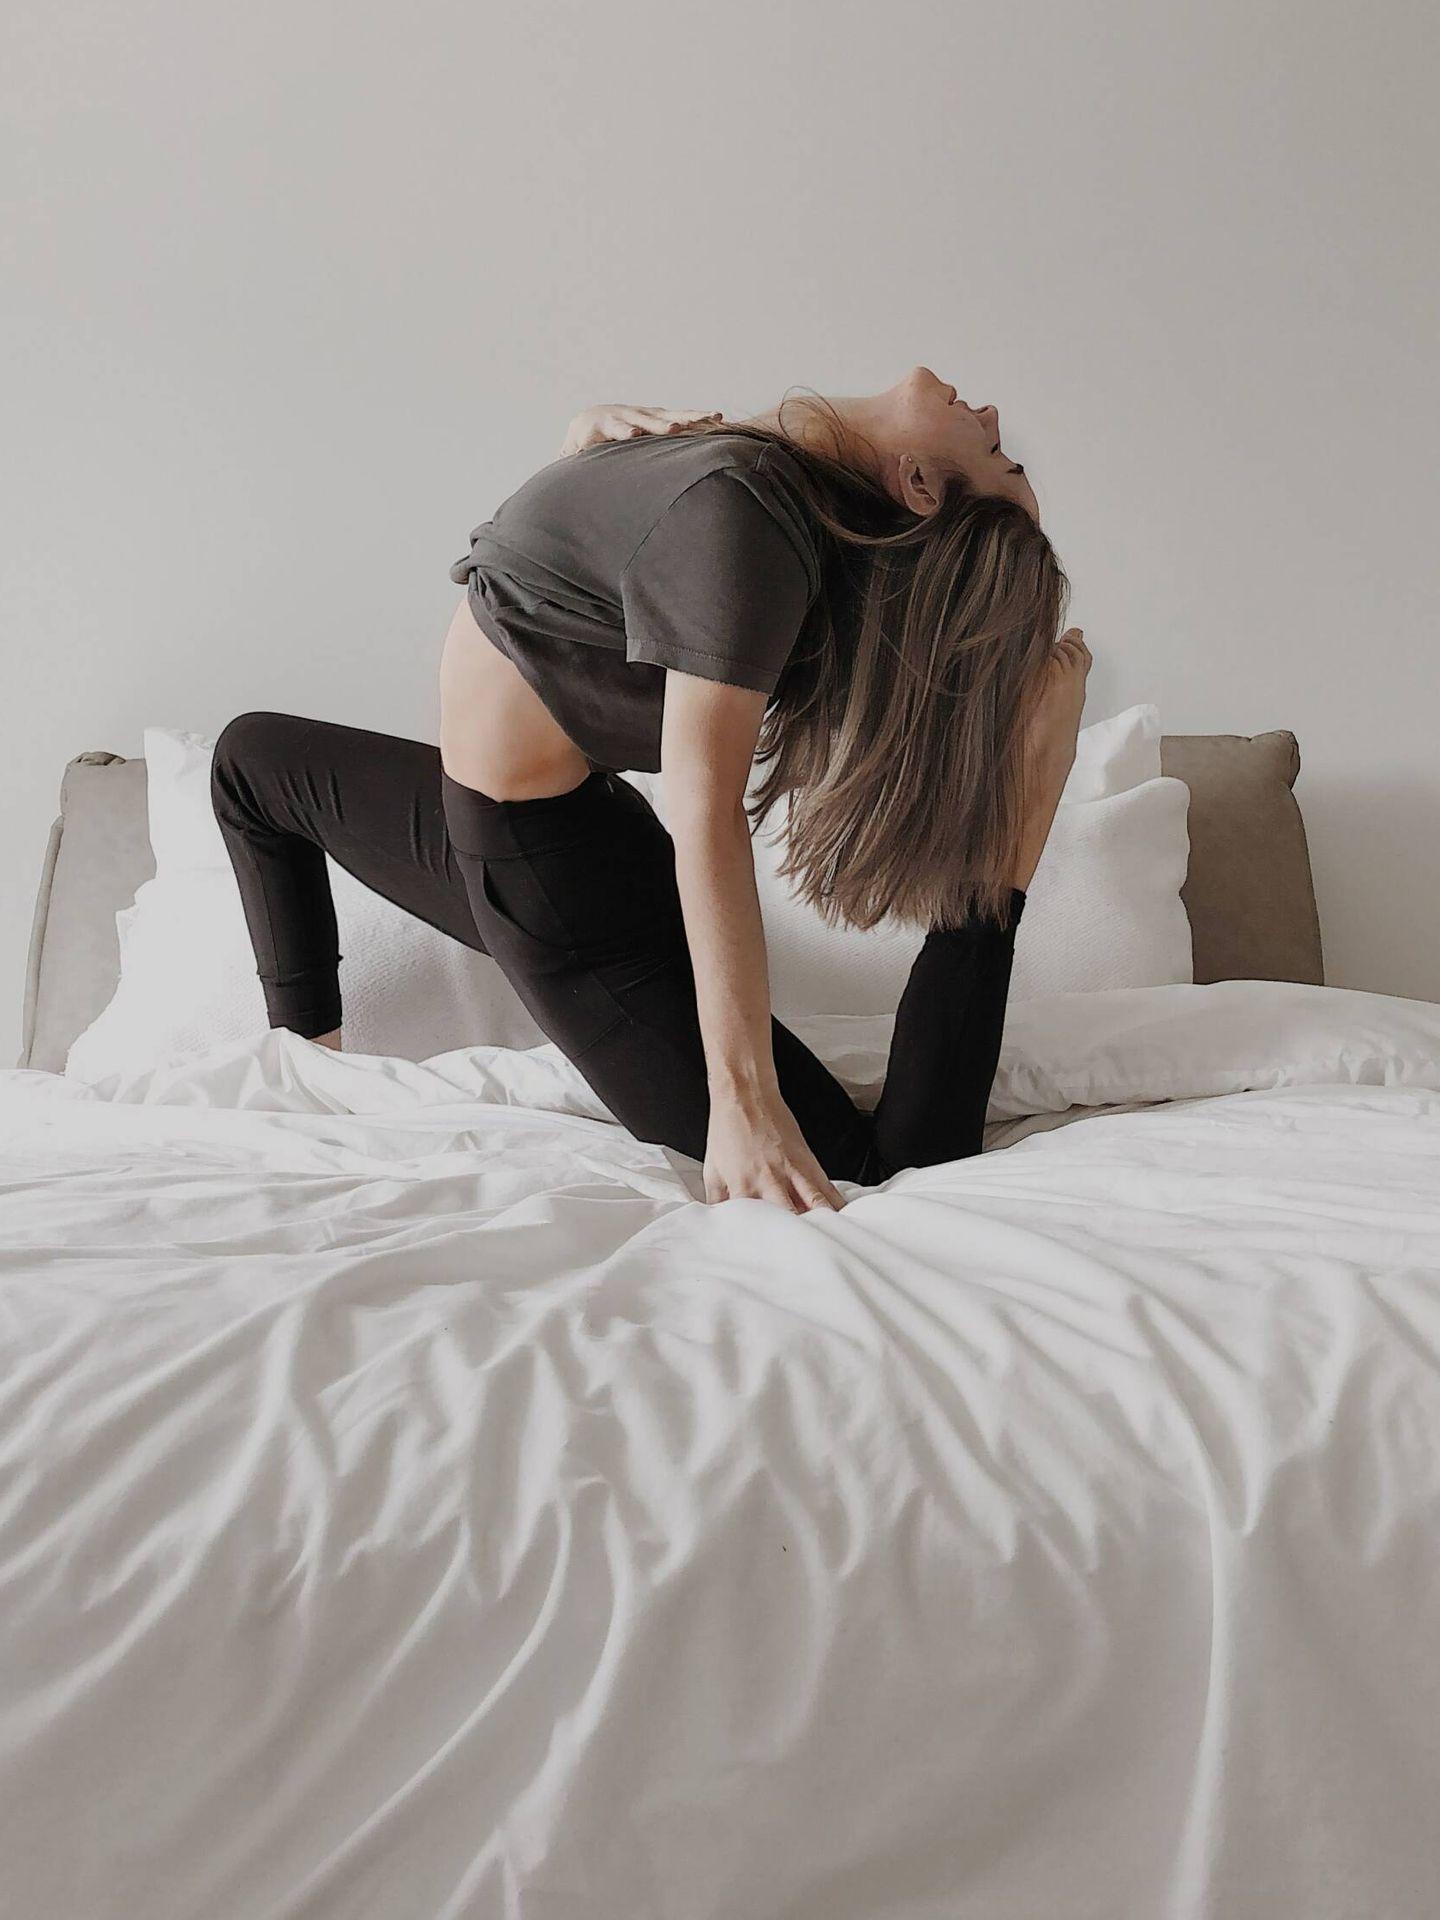 Posturas de yoga que puedes hacer sin salir de la cama. (Mathilde Langevin para Unsplash)